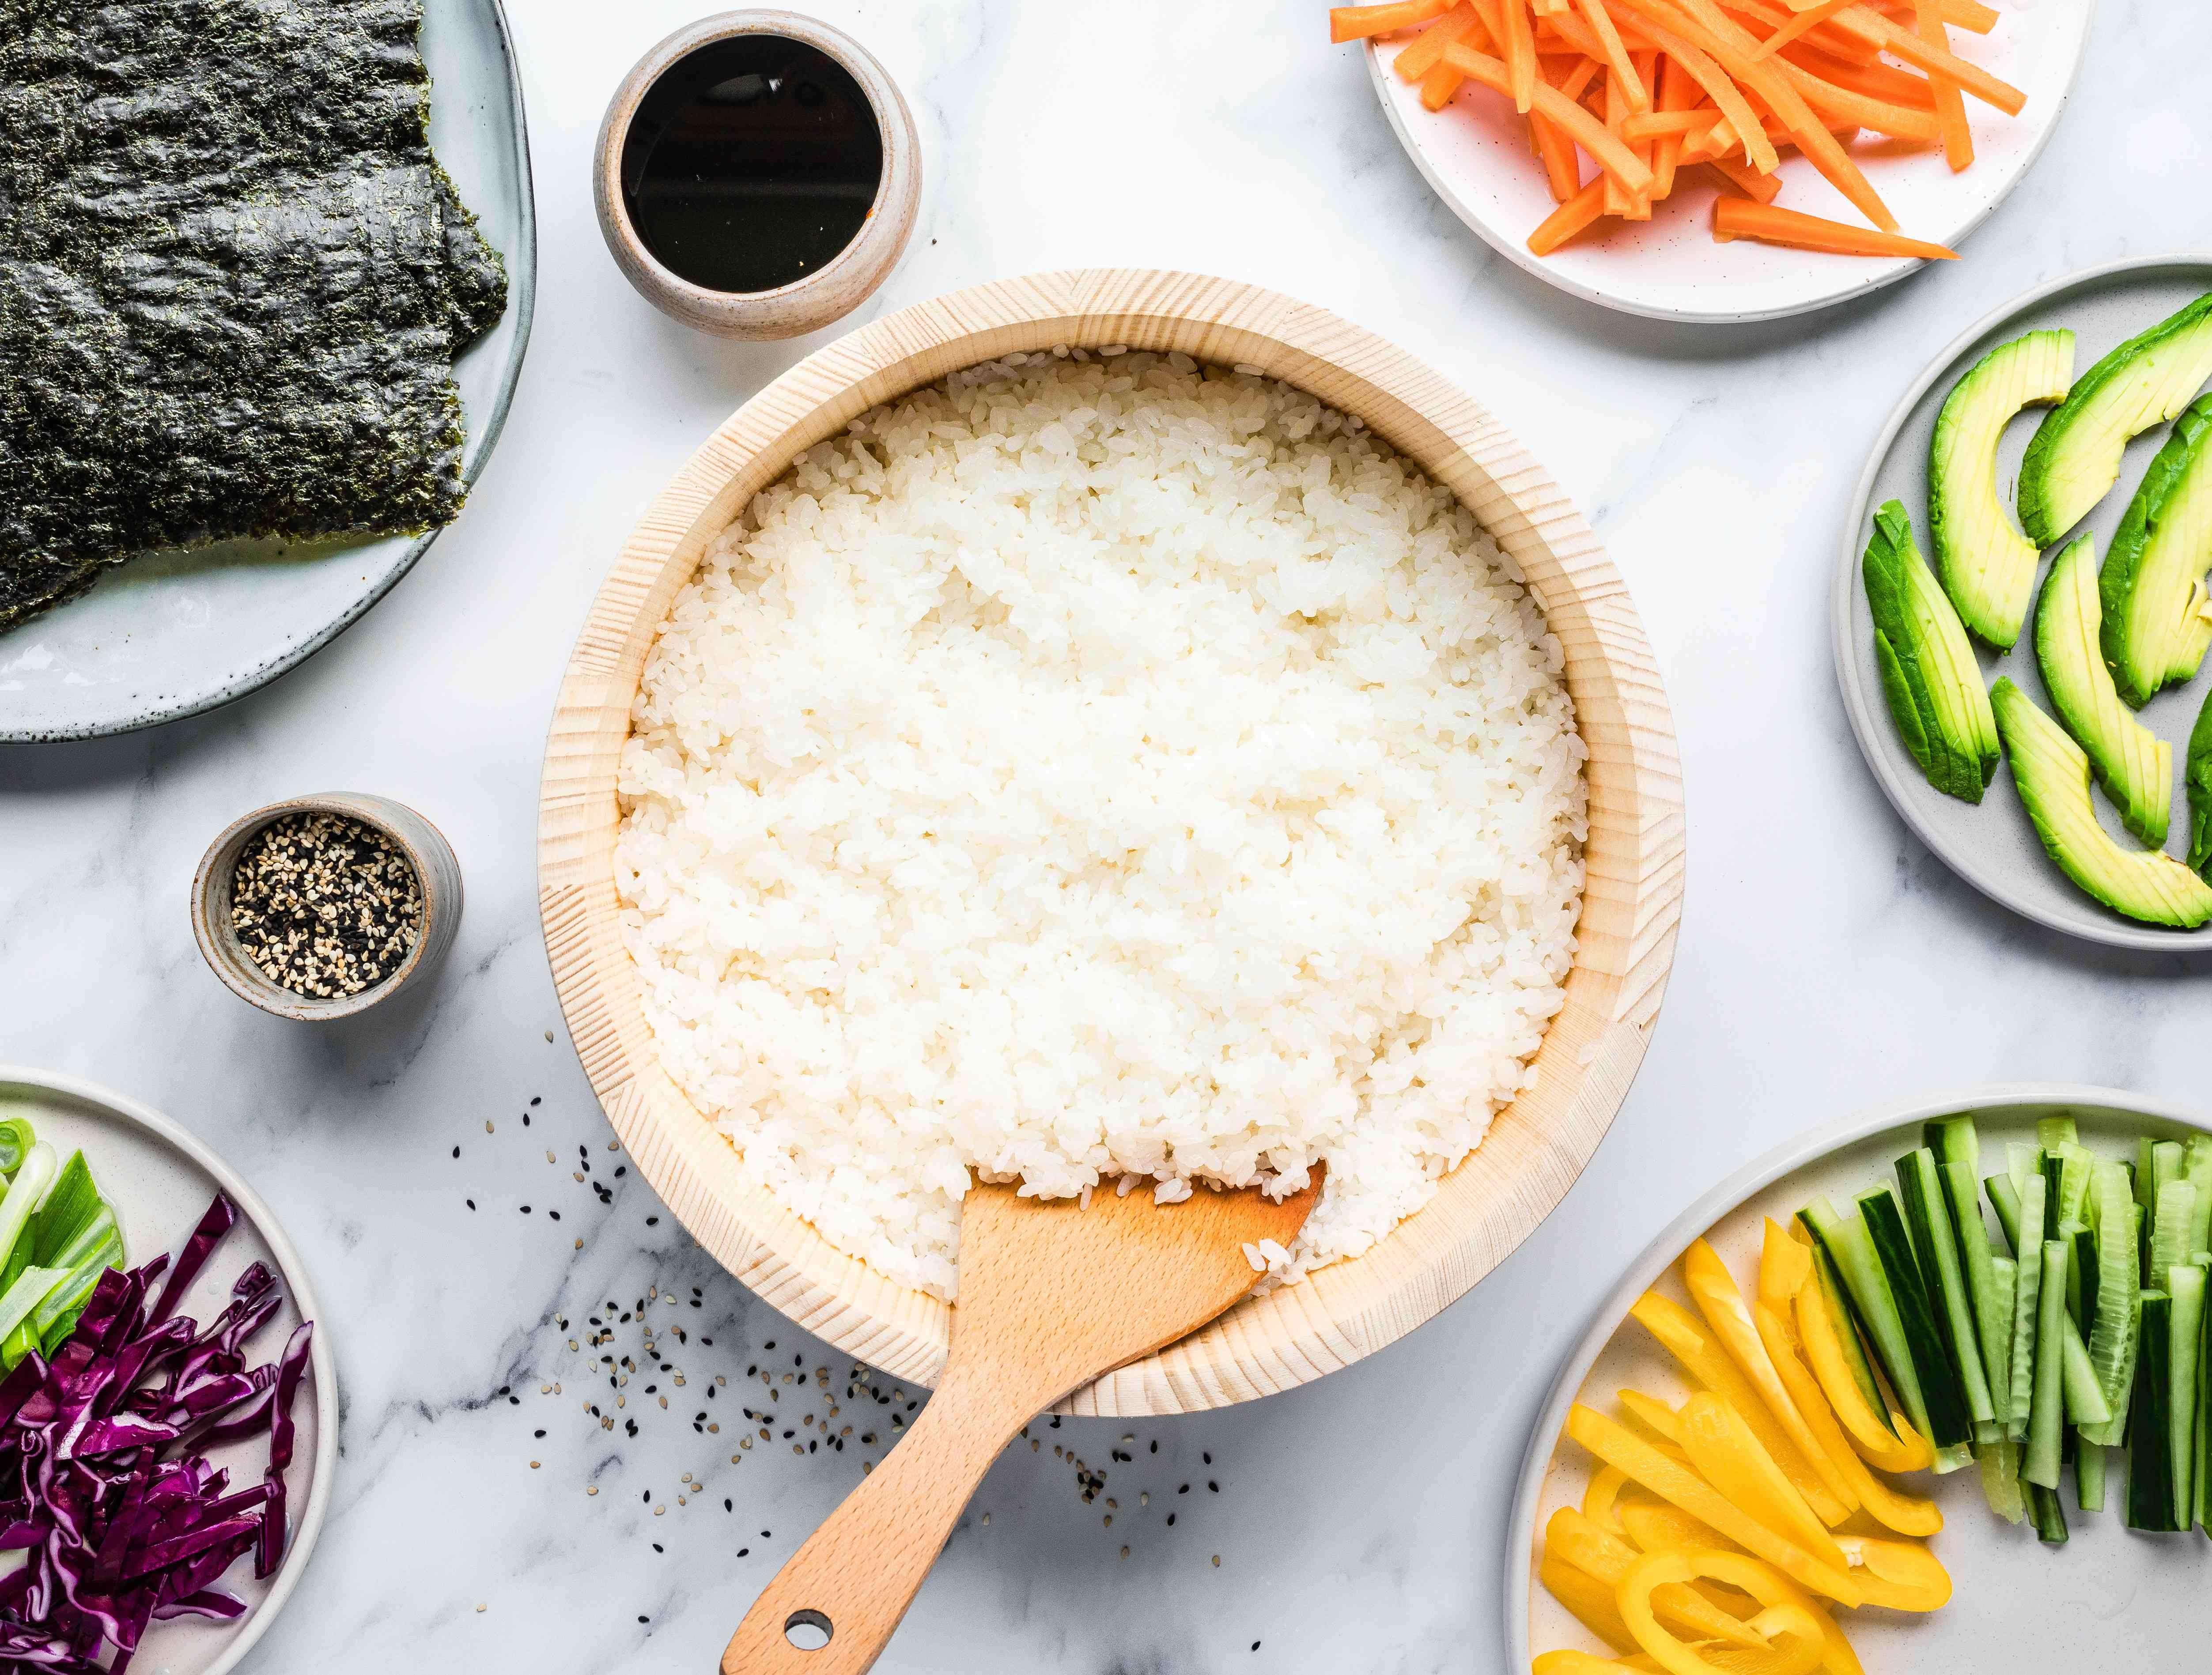 Classic Japanese sushi rice